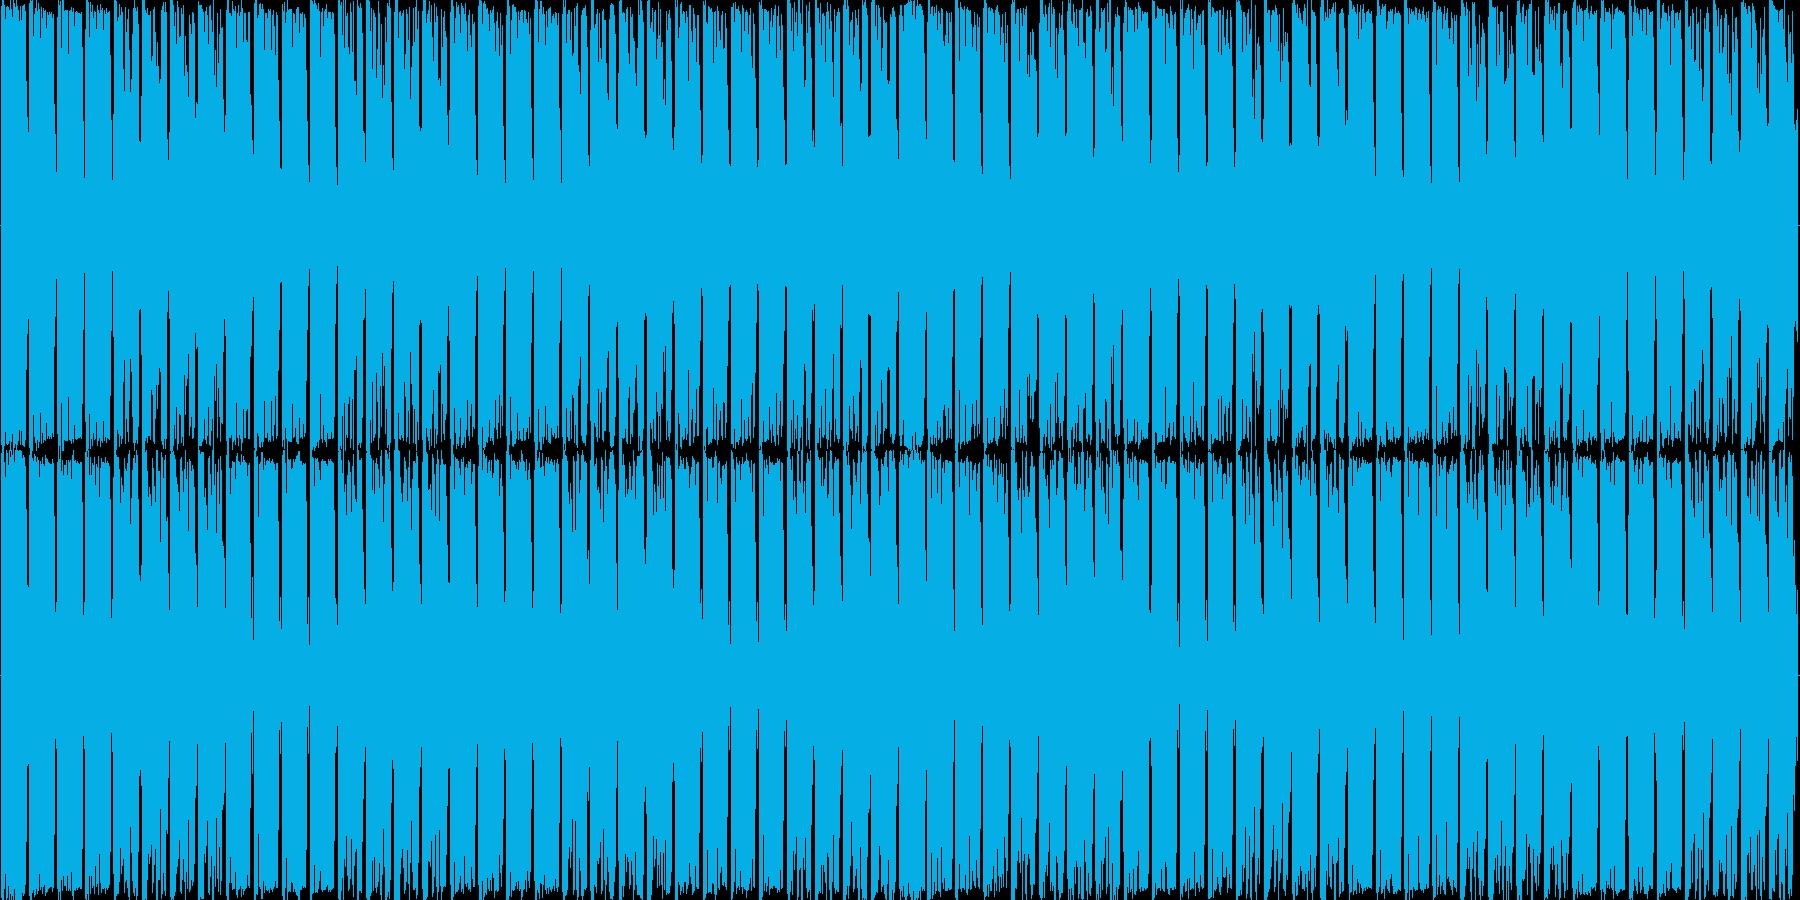 ループ可能/どっしりした応援系四つ打ちの再生済みの波形